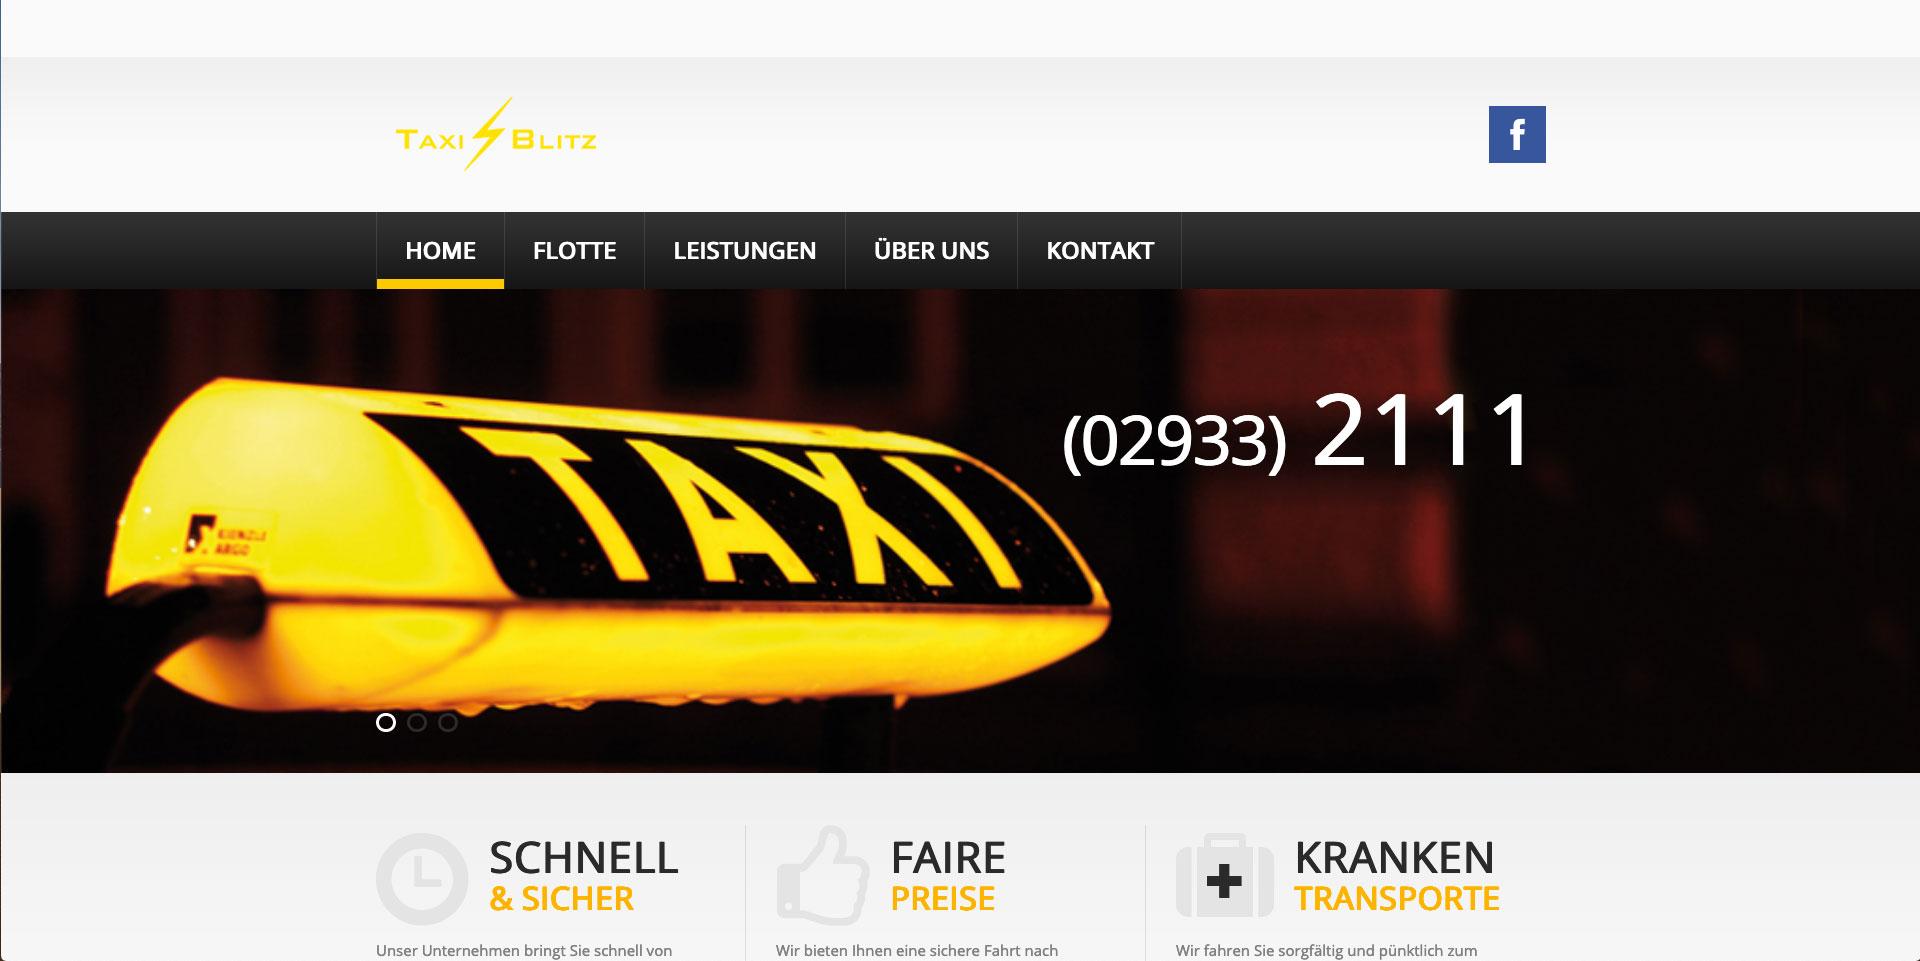 Internet-Auftritt und Online-Shop, Homepage, Webpräsenz, Taxi Blitz